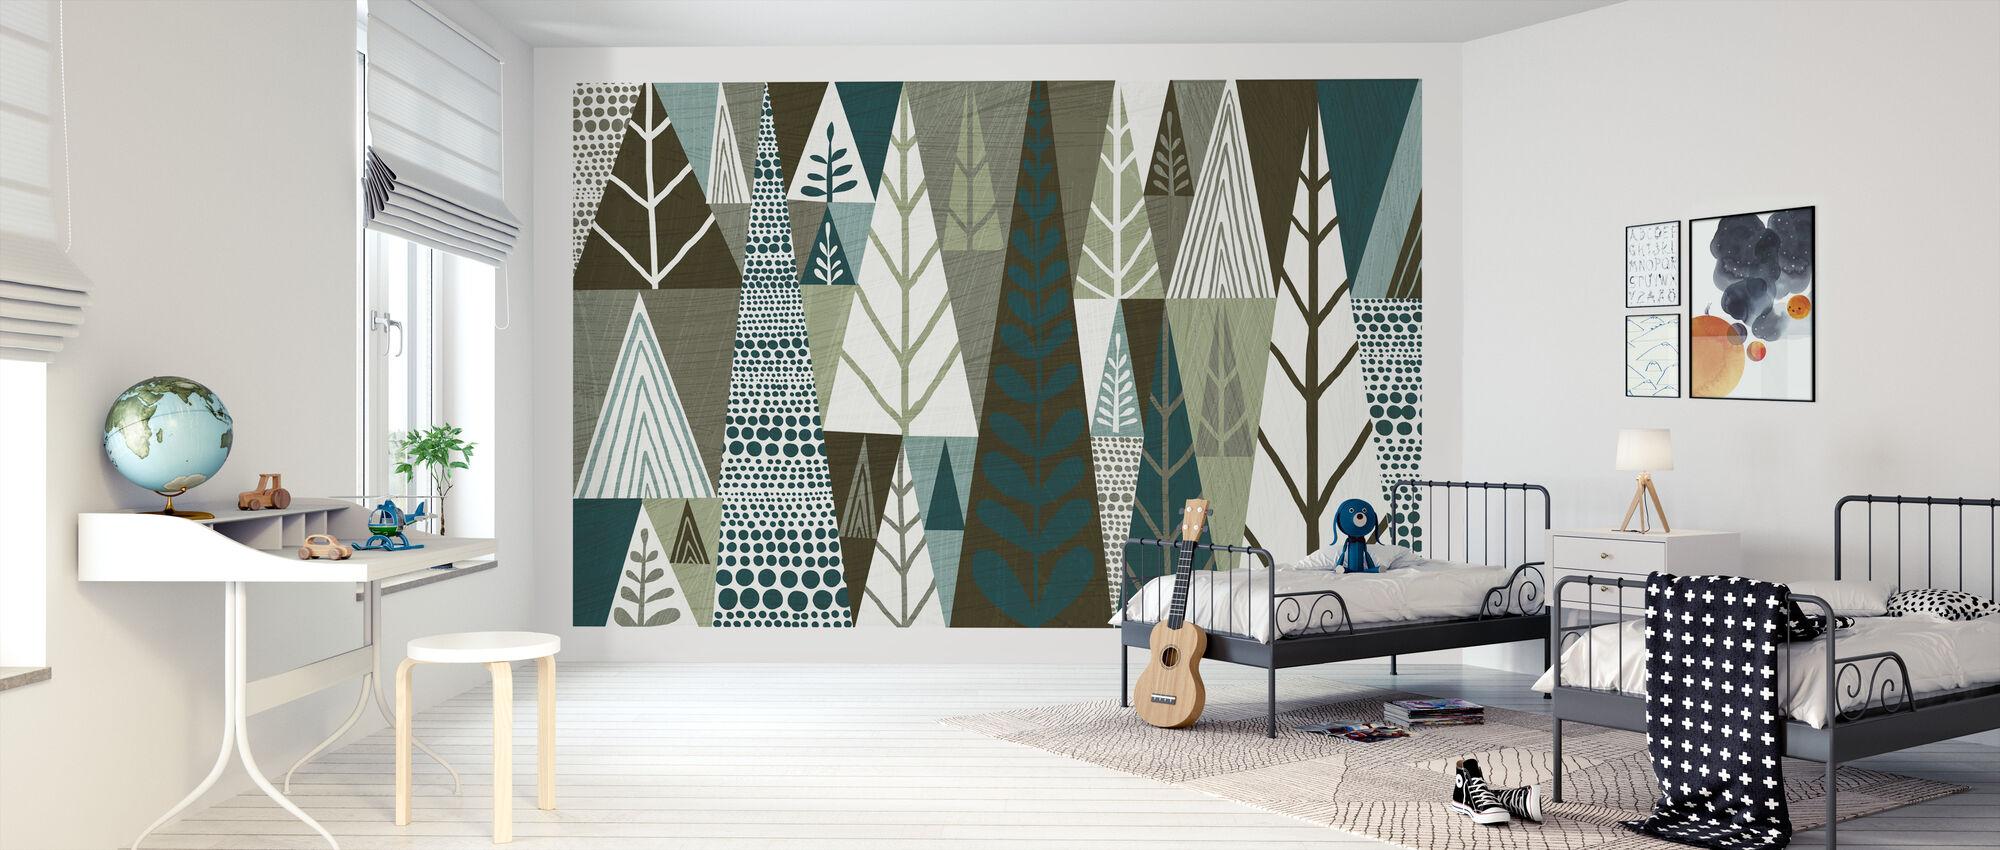 Geometrinen metsä - Tapetti - Lastenhuone